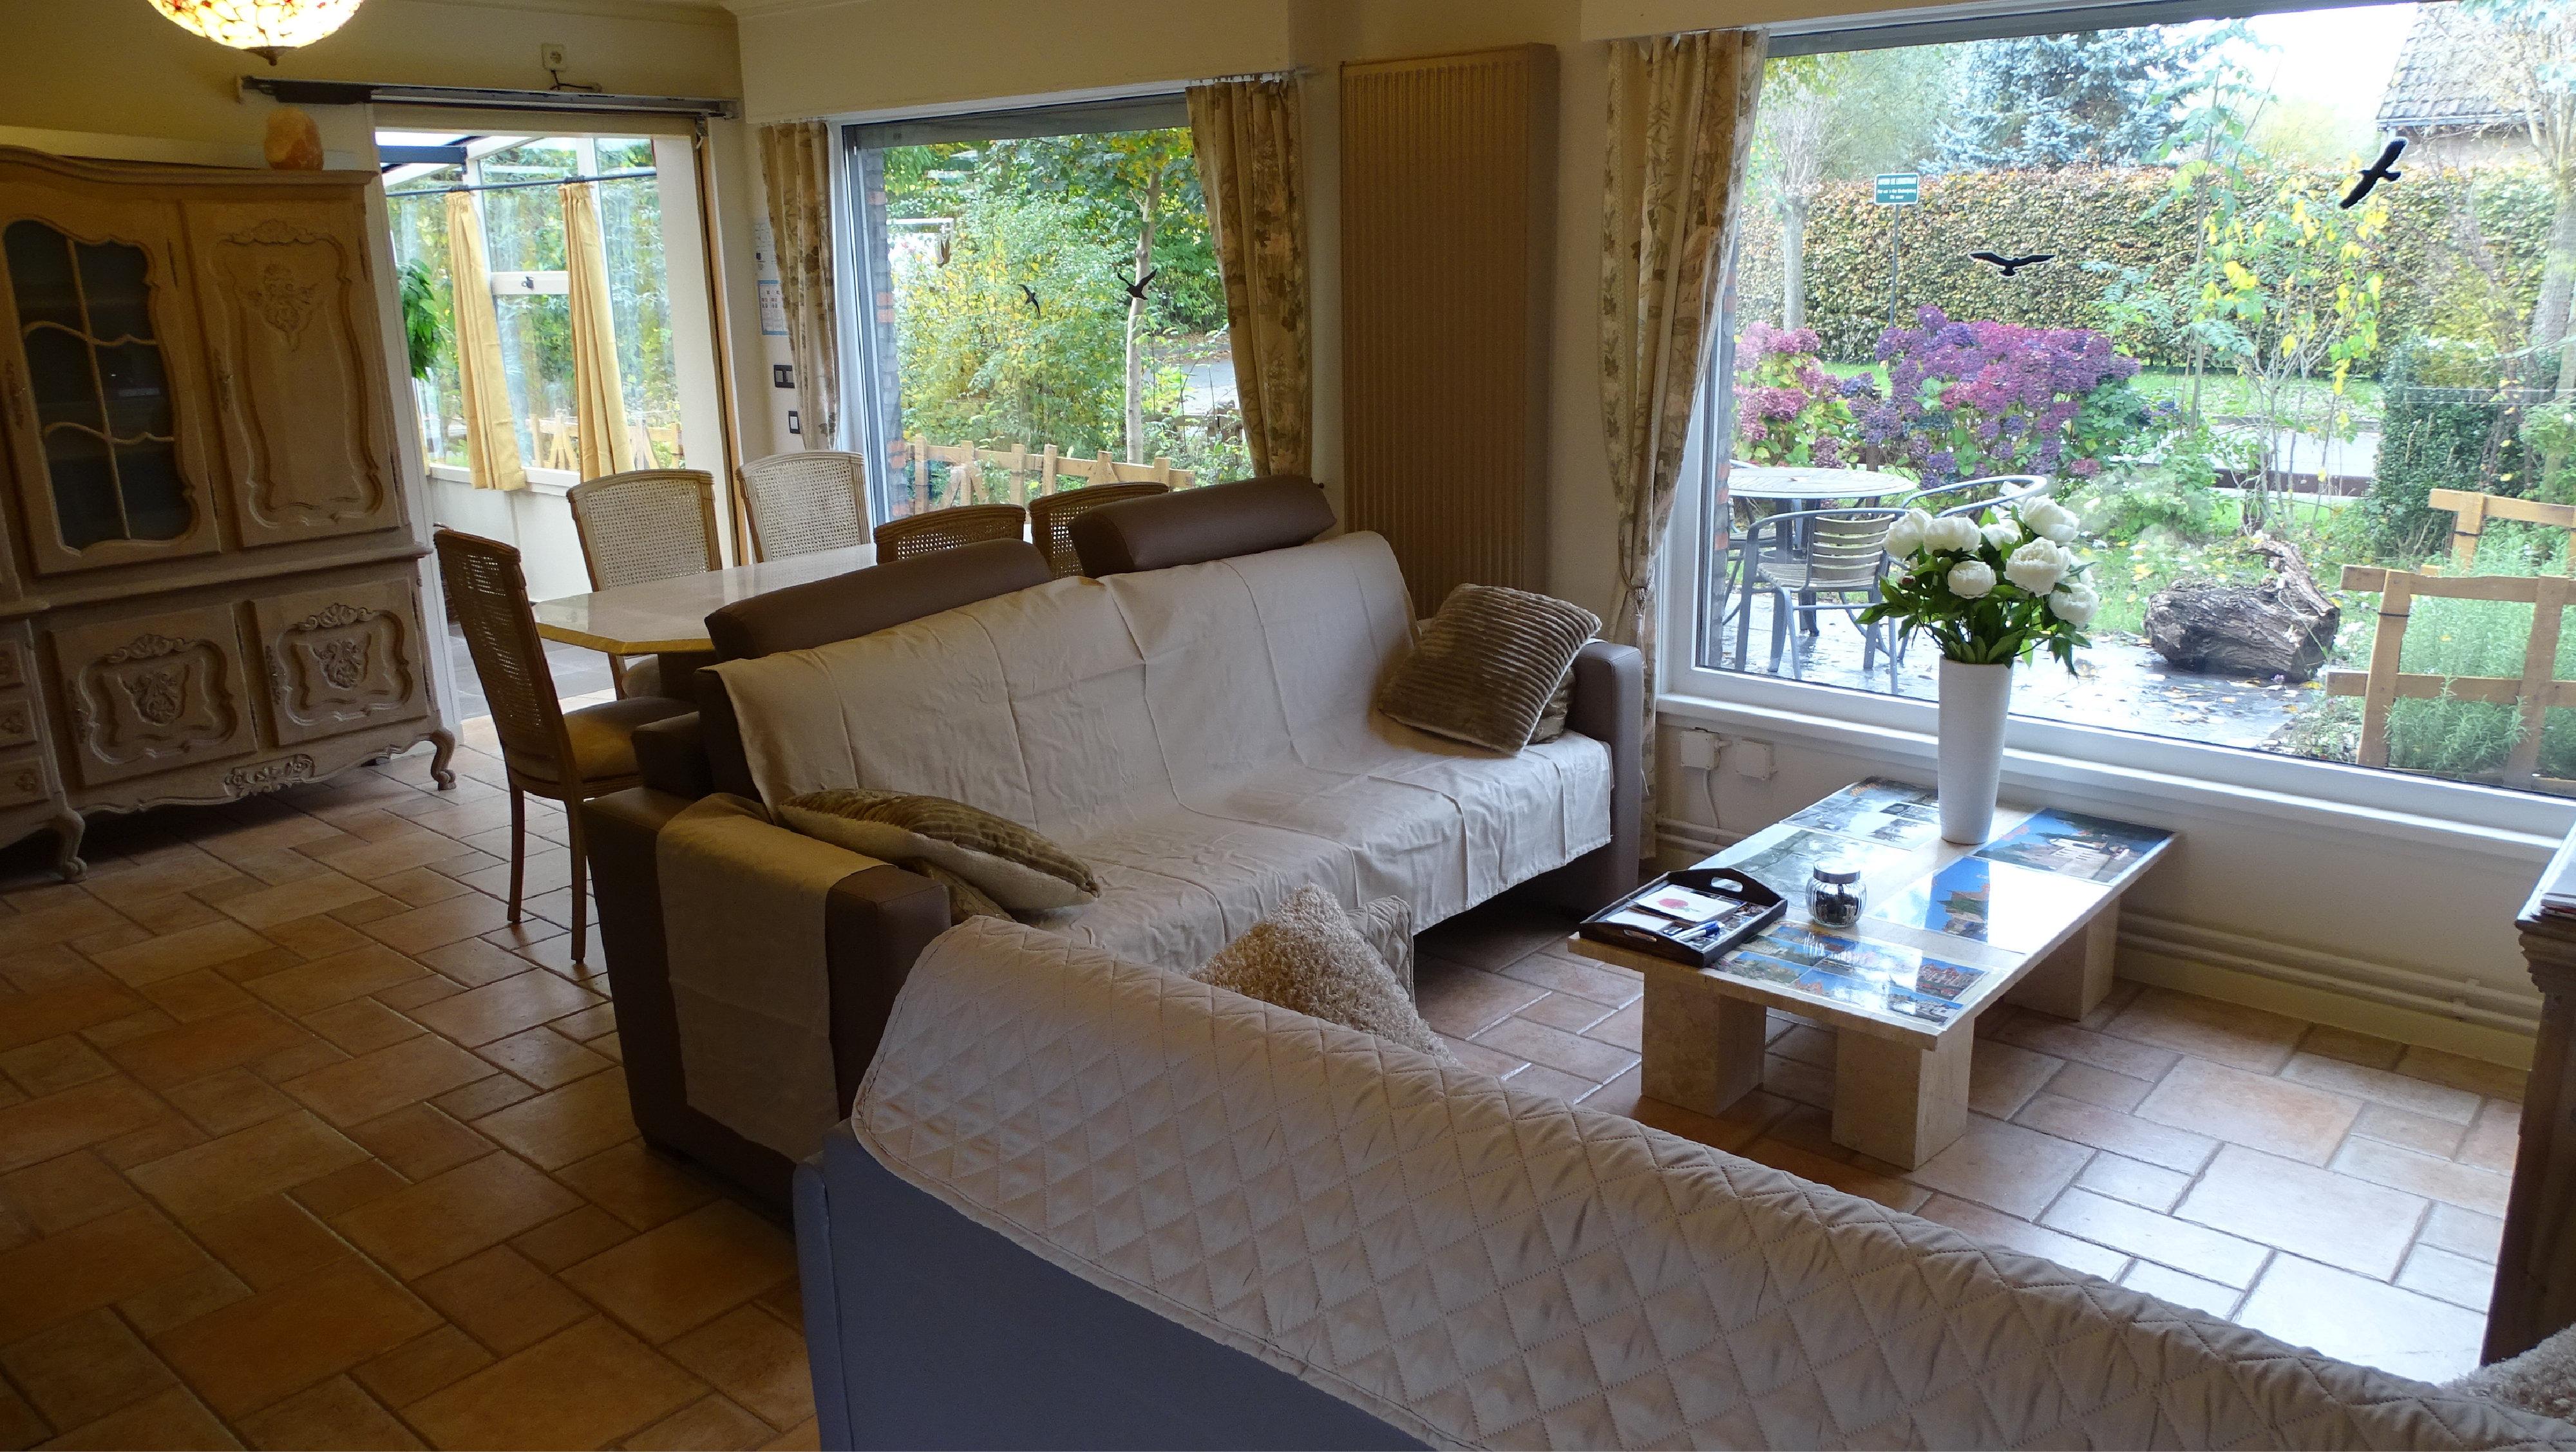 Keuken Met Zithoekje : Modern huis met privétuin3slaapkamersalle modern comfort aanwezig